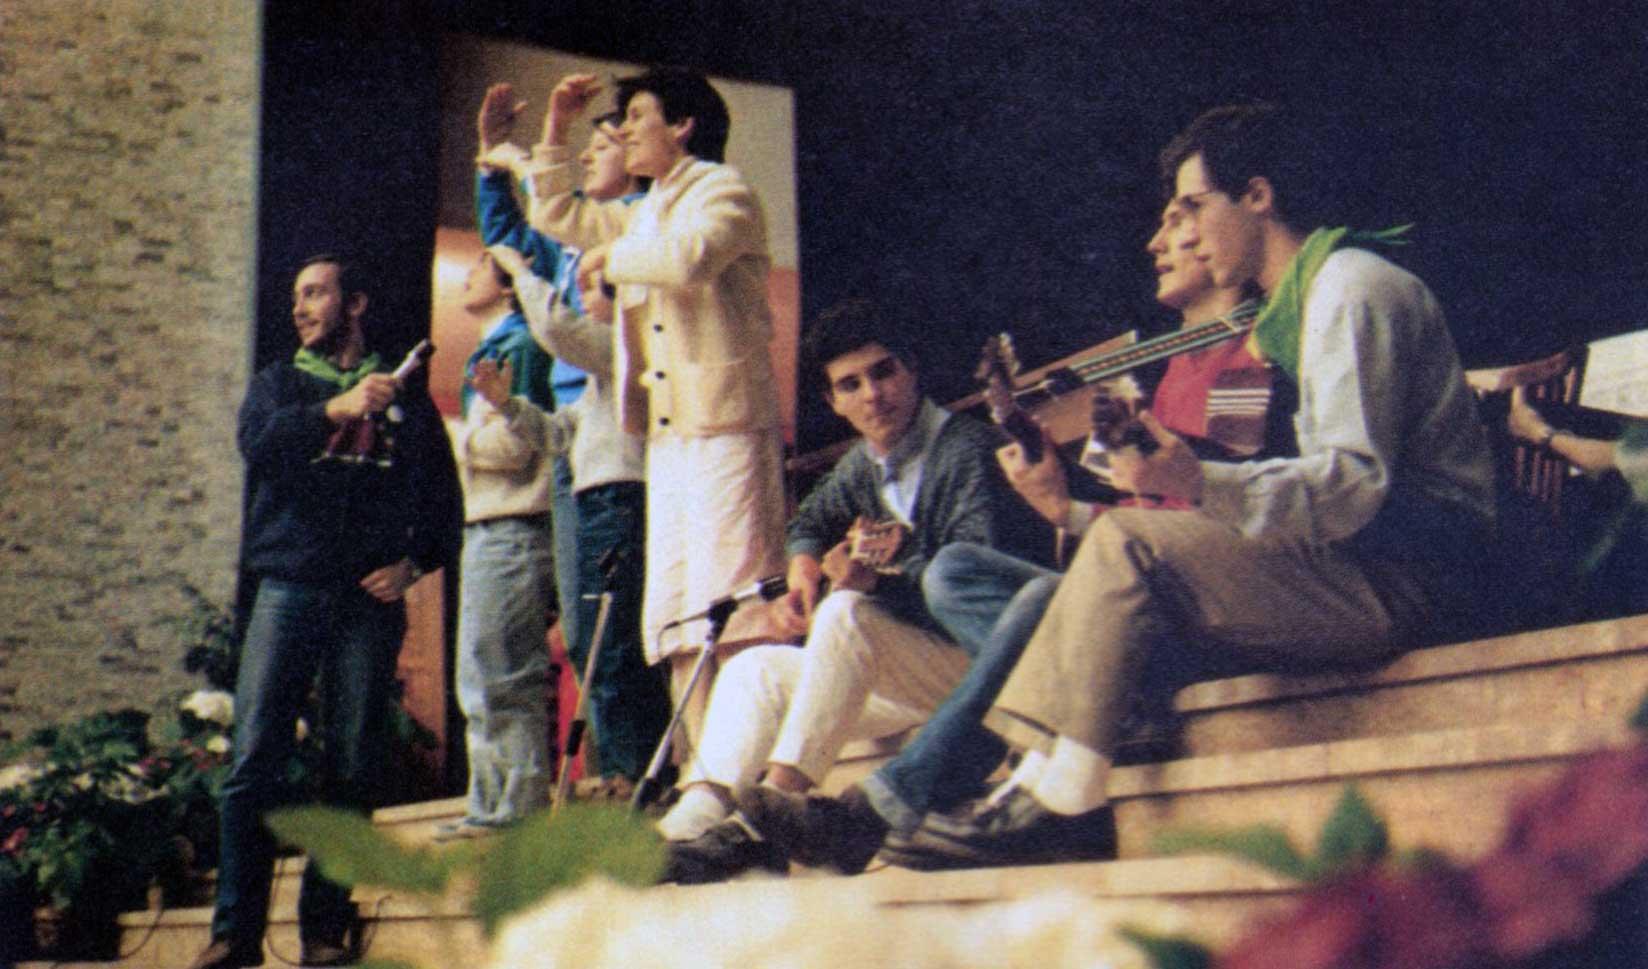 004 - Le foto del pellegrinaggio di Assisi 1986 - Ombre e Luci n.14, 1986